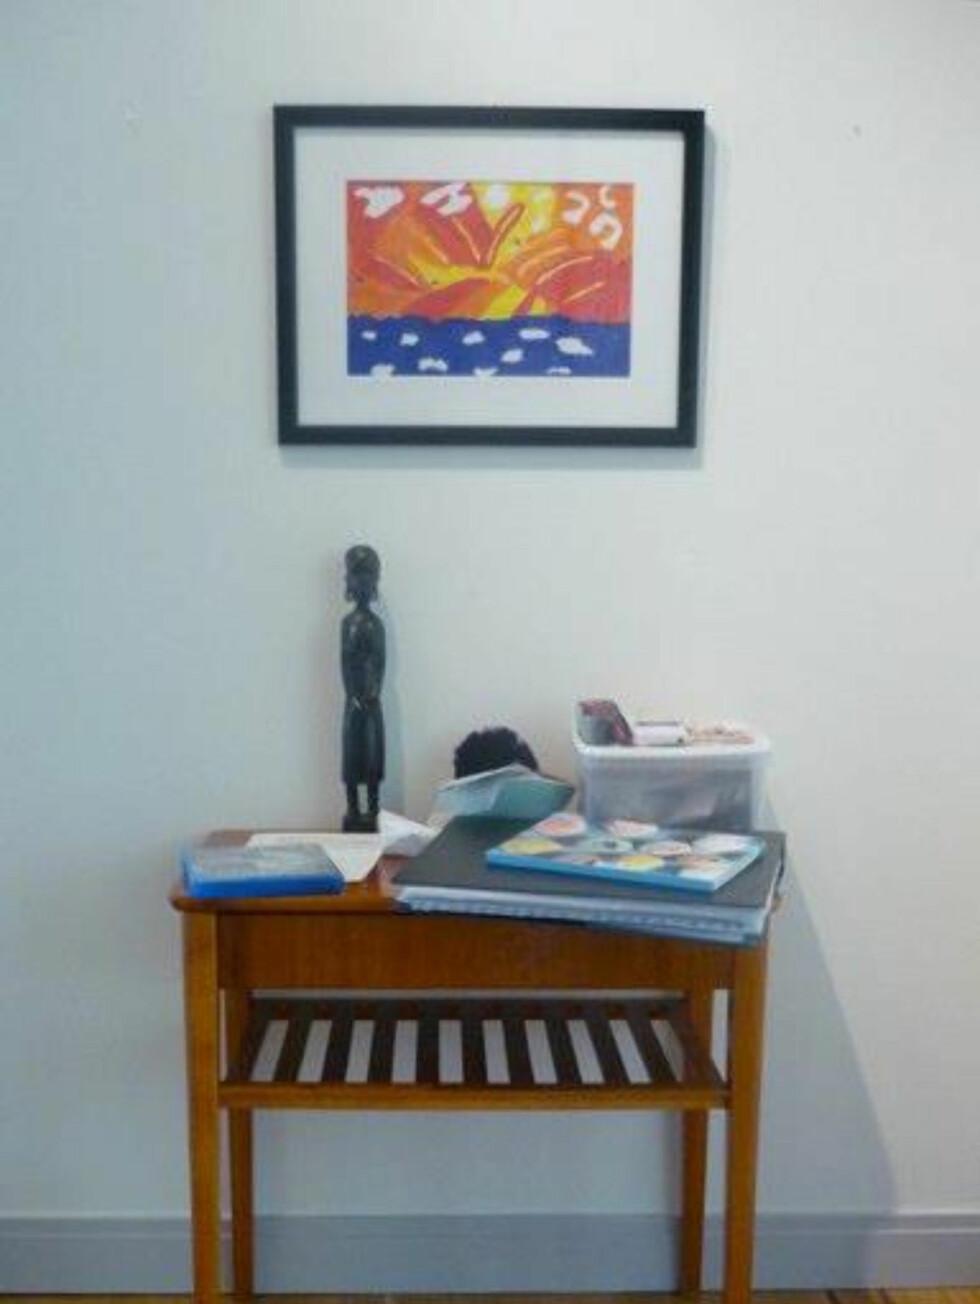 Små stilleben tillför mycket av det ombonade i ett hem utan att ta särskilt mycket yta i anspråk Foto: Moa Söderhielm